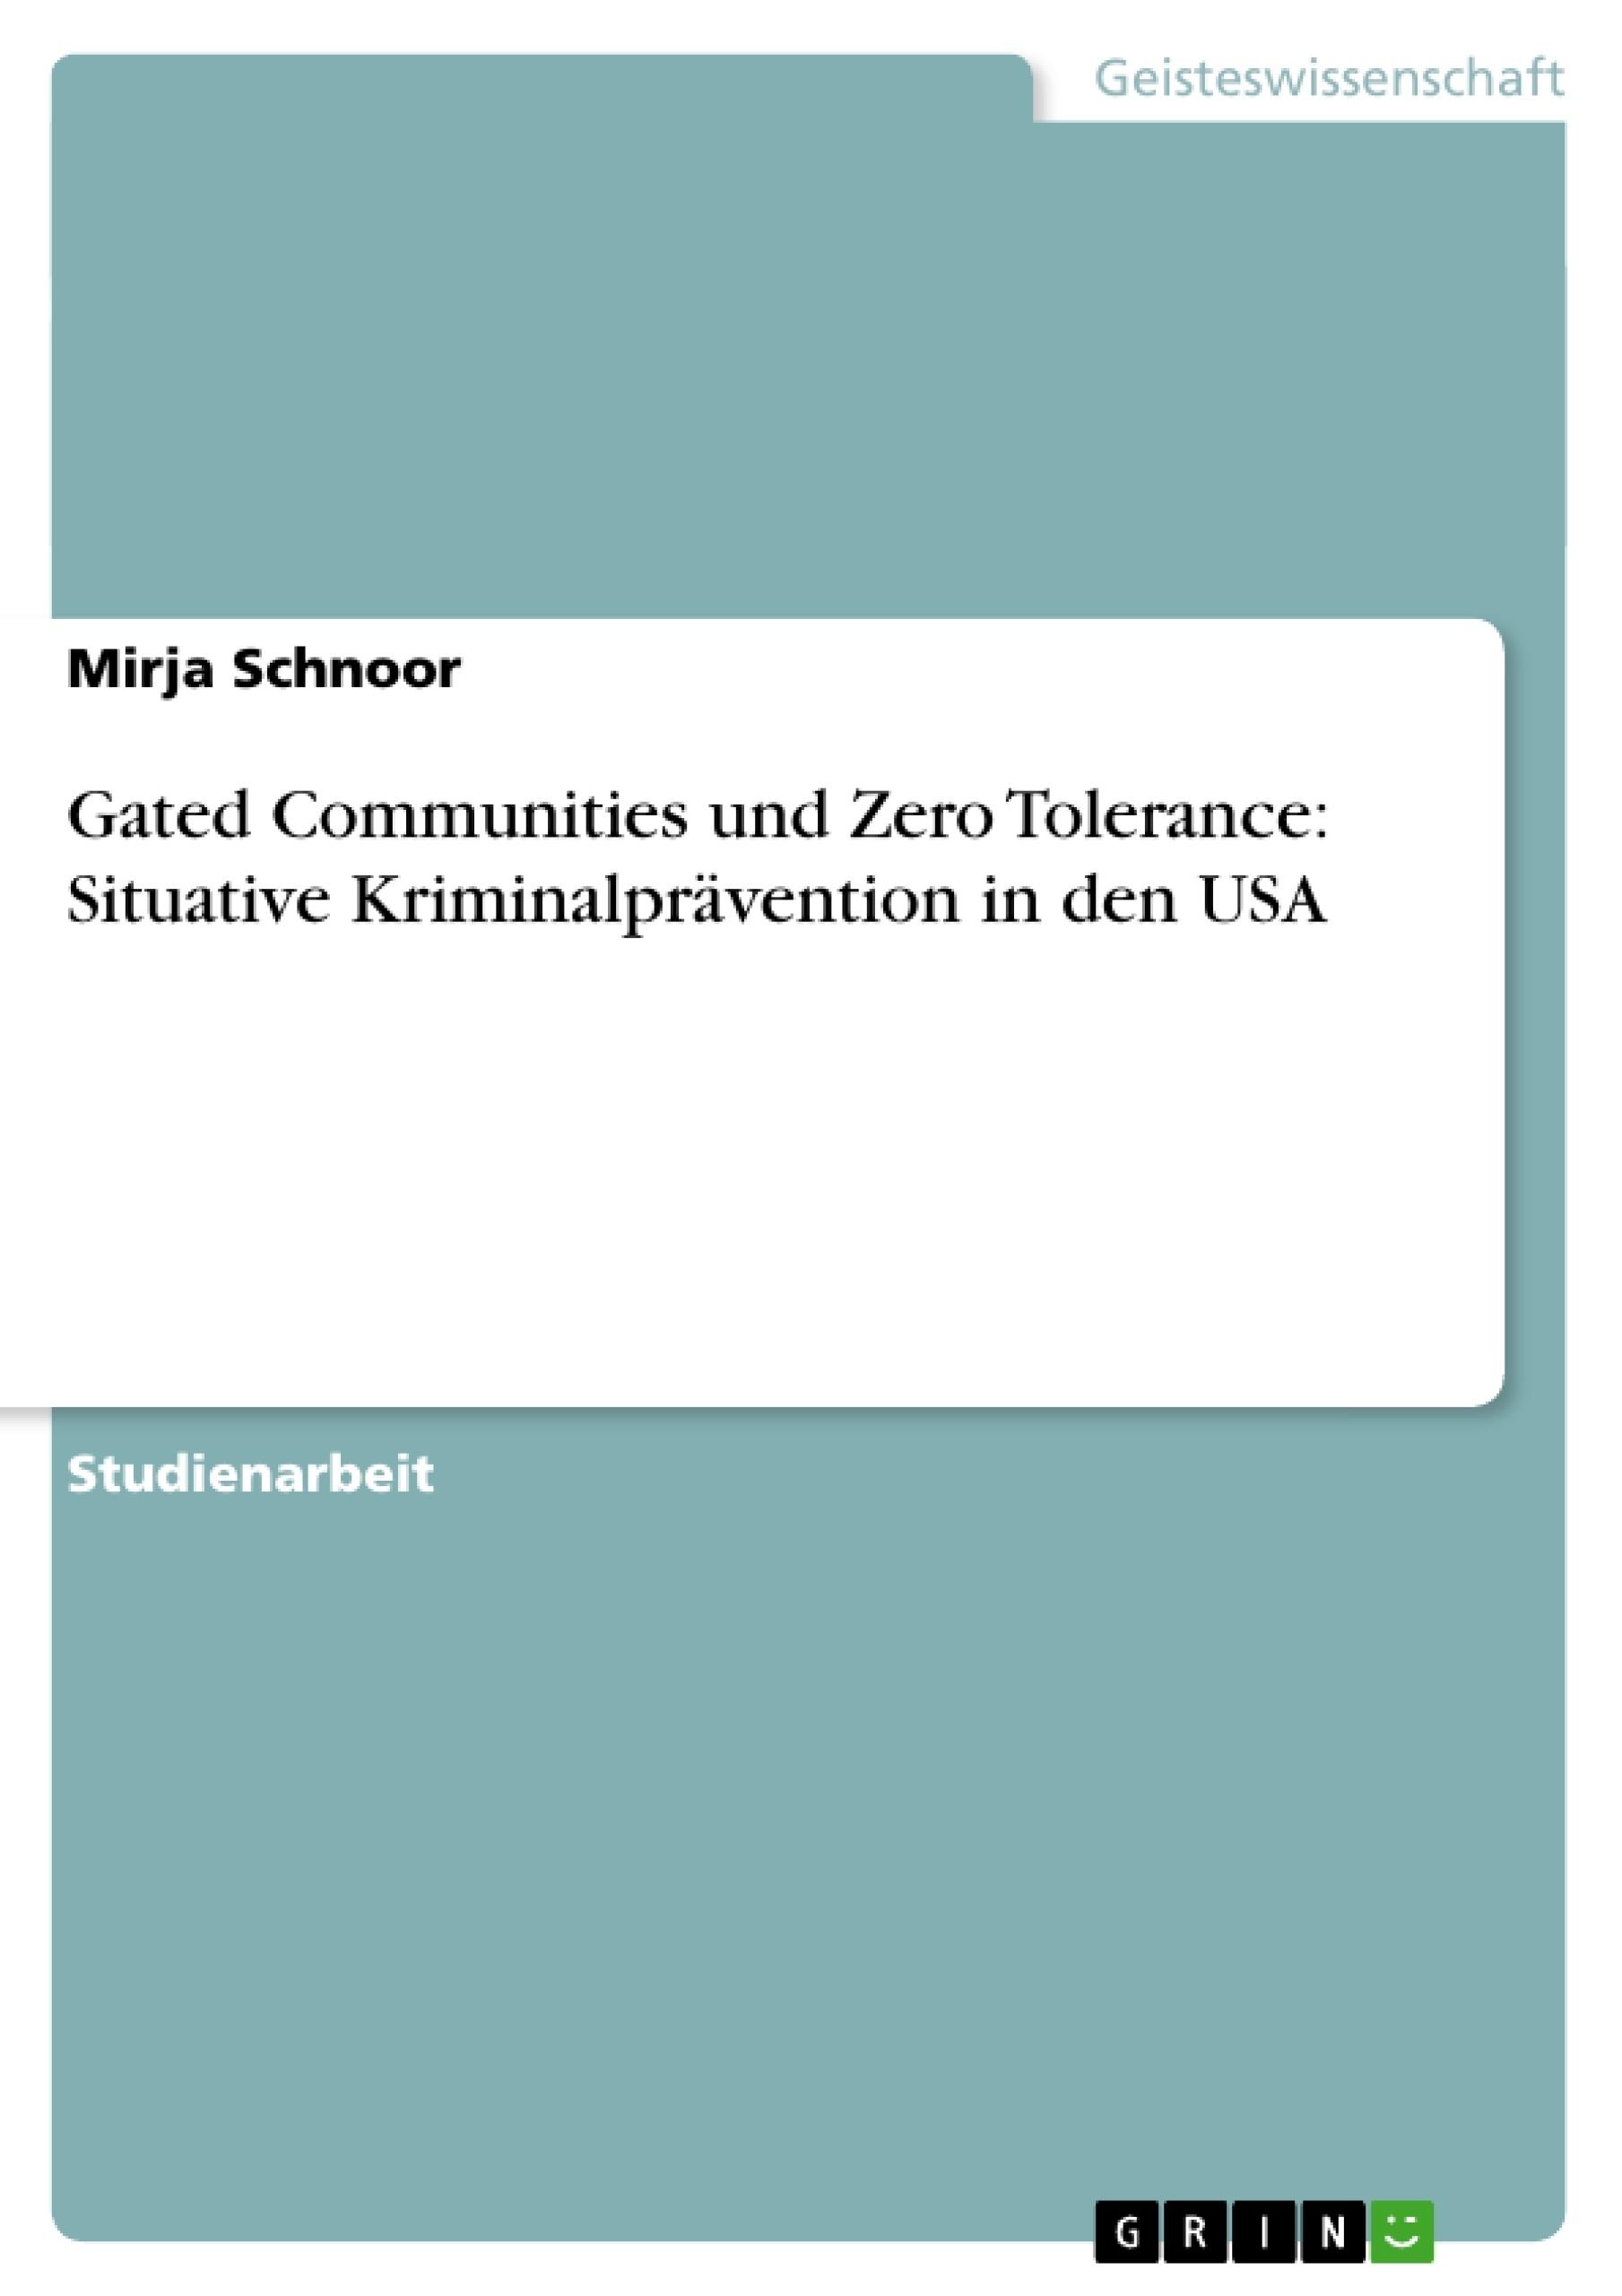 Titel: Gated Communities und Zero Tolerance: Situative Kriminalprävention in den USA